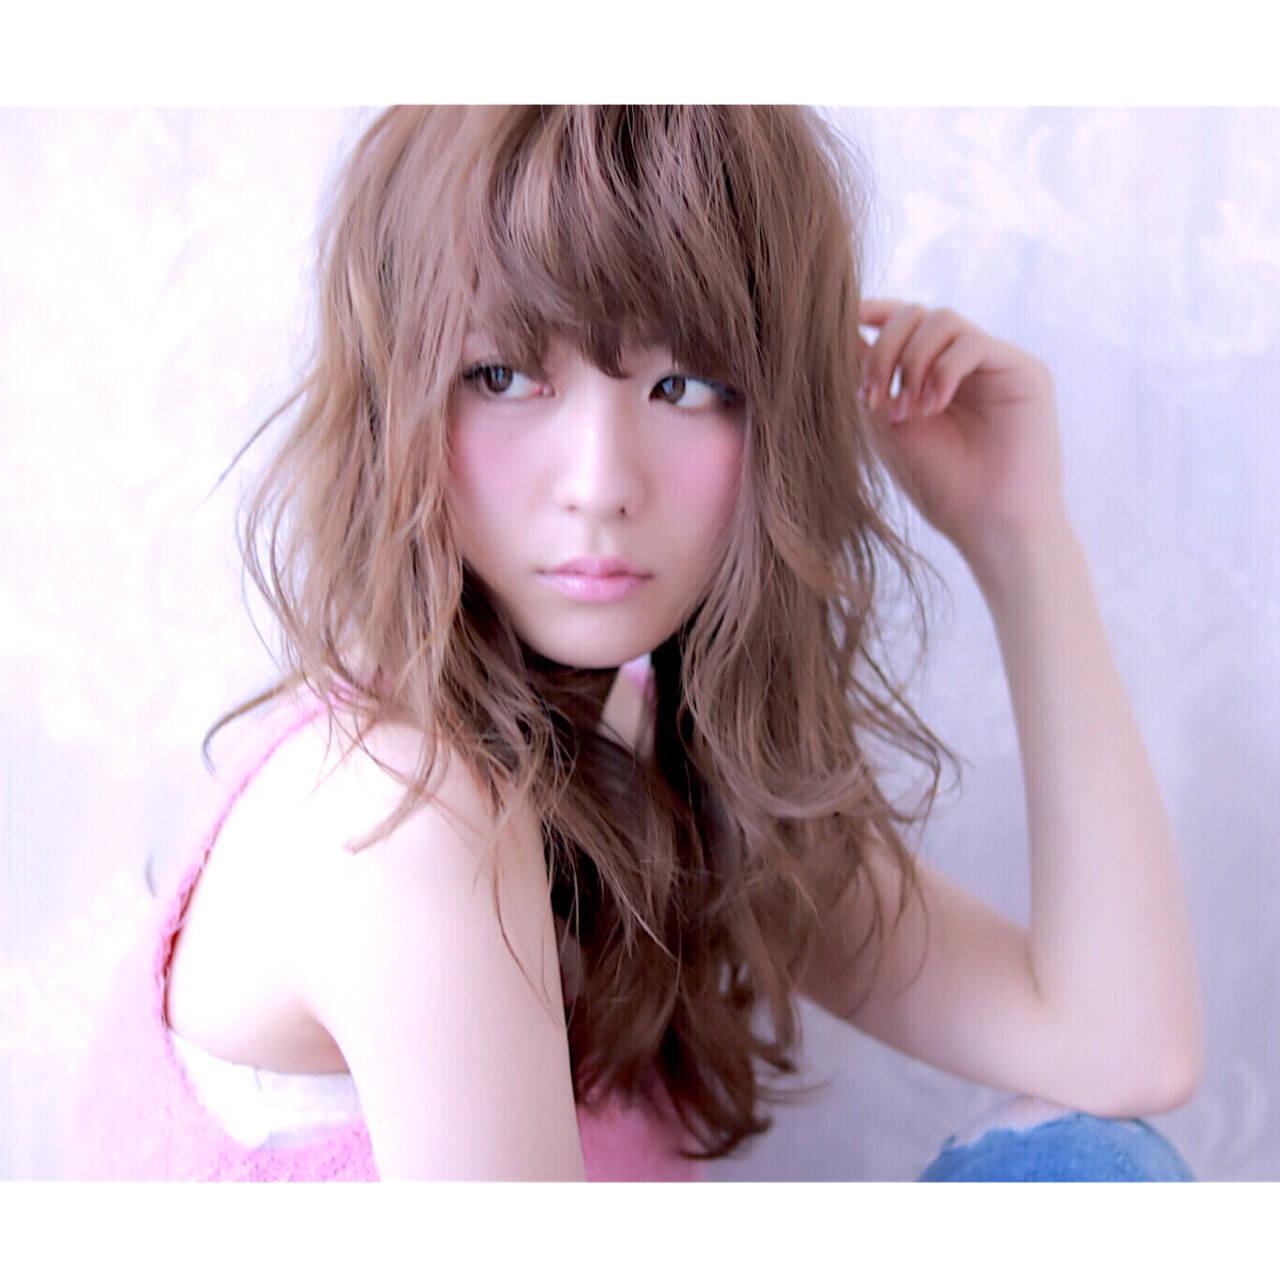 ガーリー アッシュ レイヤーカット ロングヘアスタイルや髪型の写真・画像